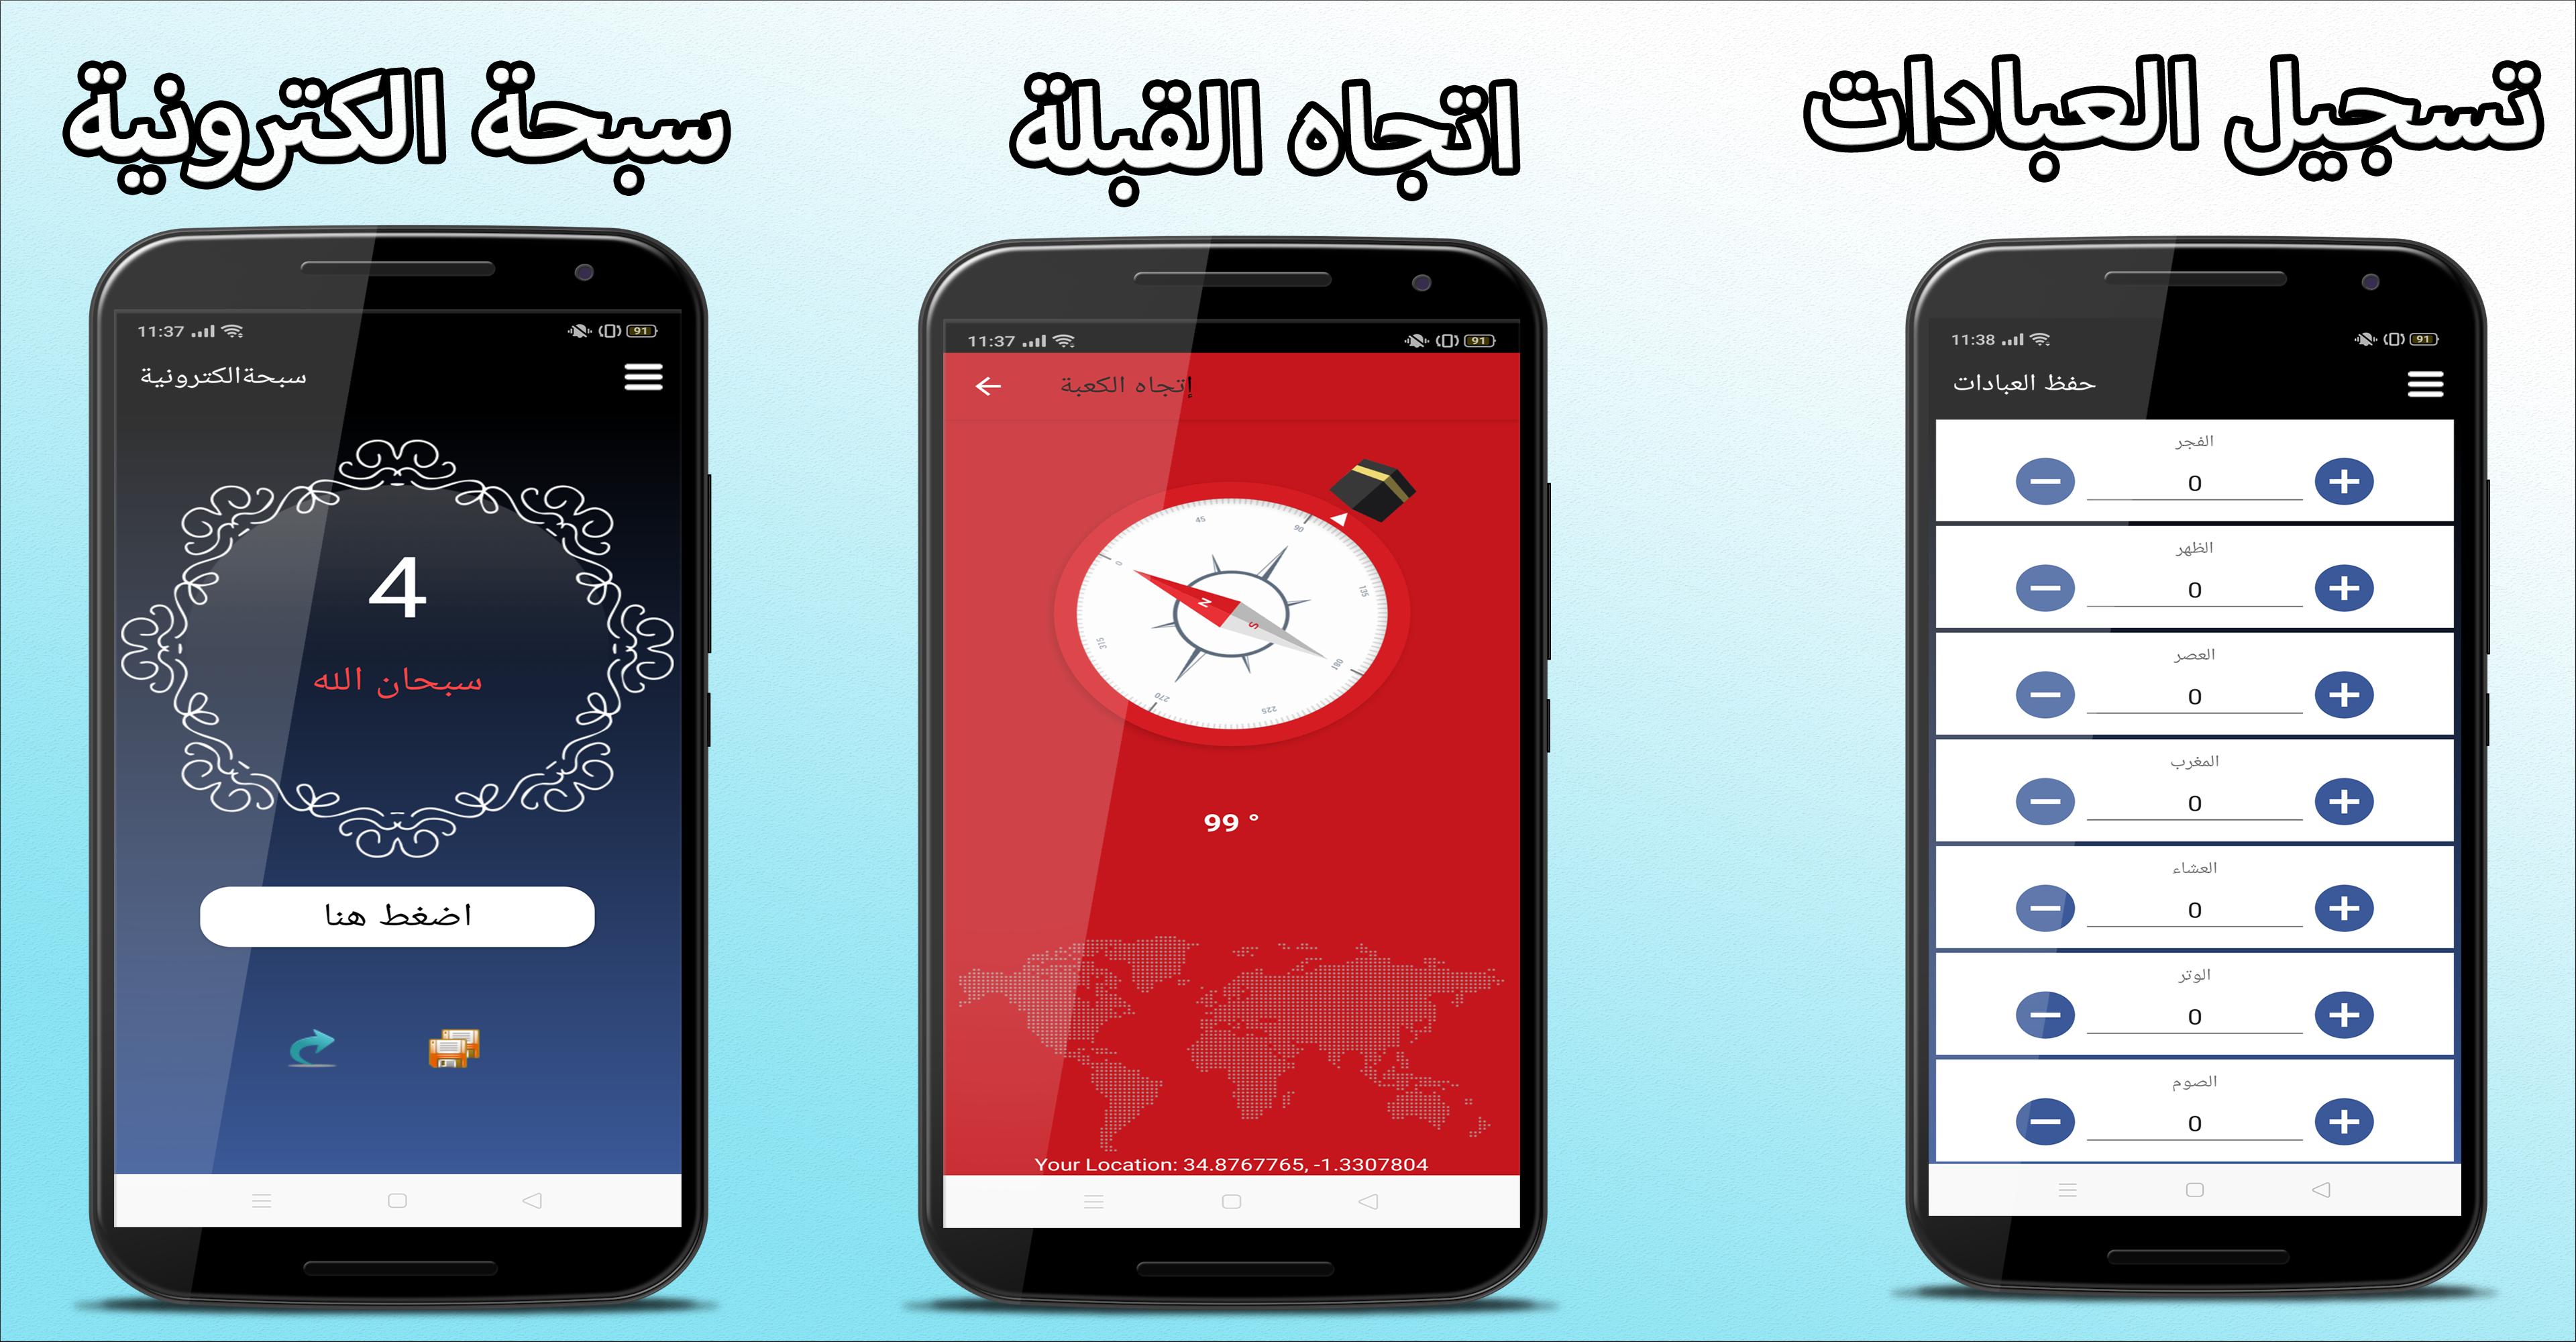 تطبيق زادك يا مسلم حمل الان P_14973gk8h3